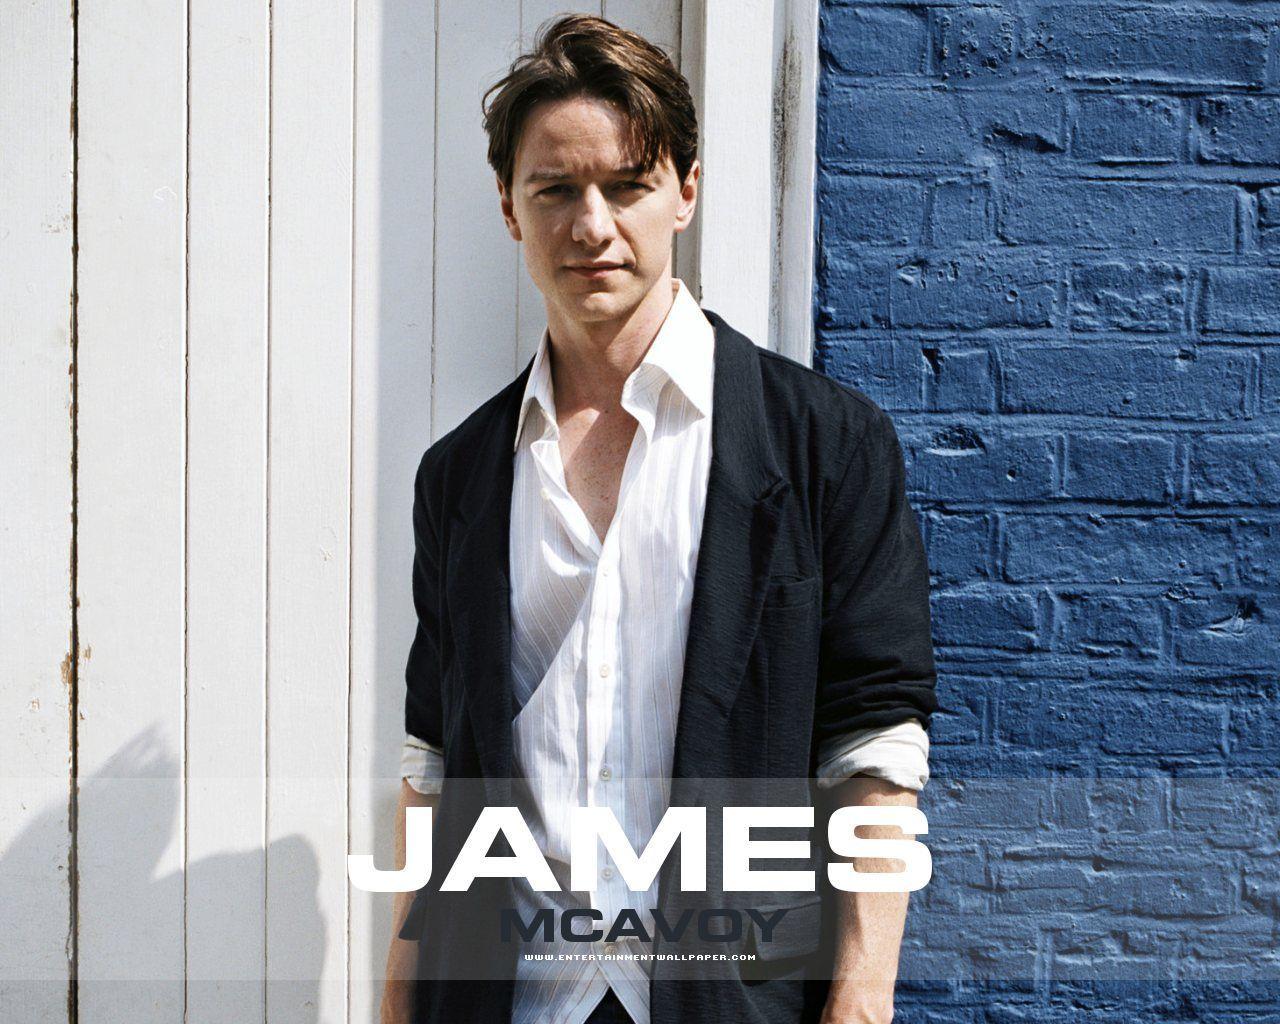 Wallpaper - James McAv...